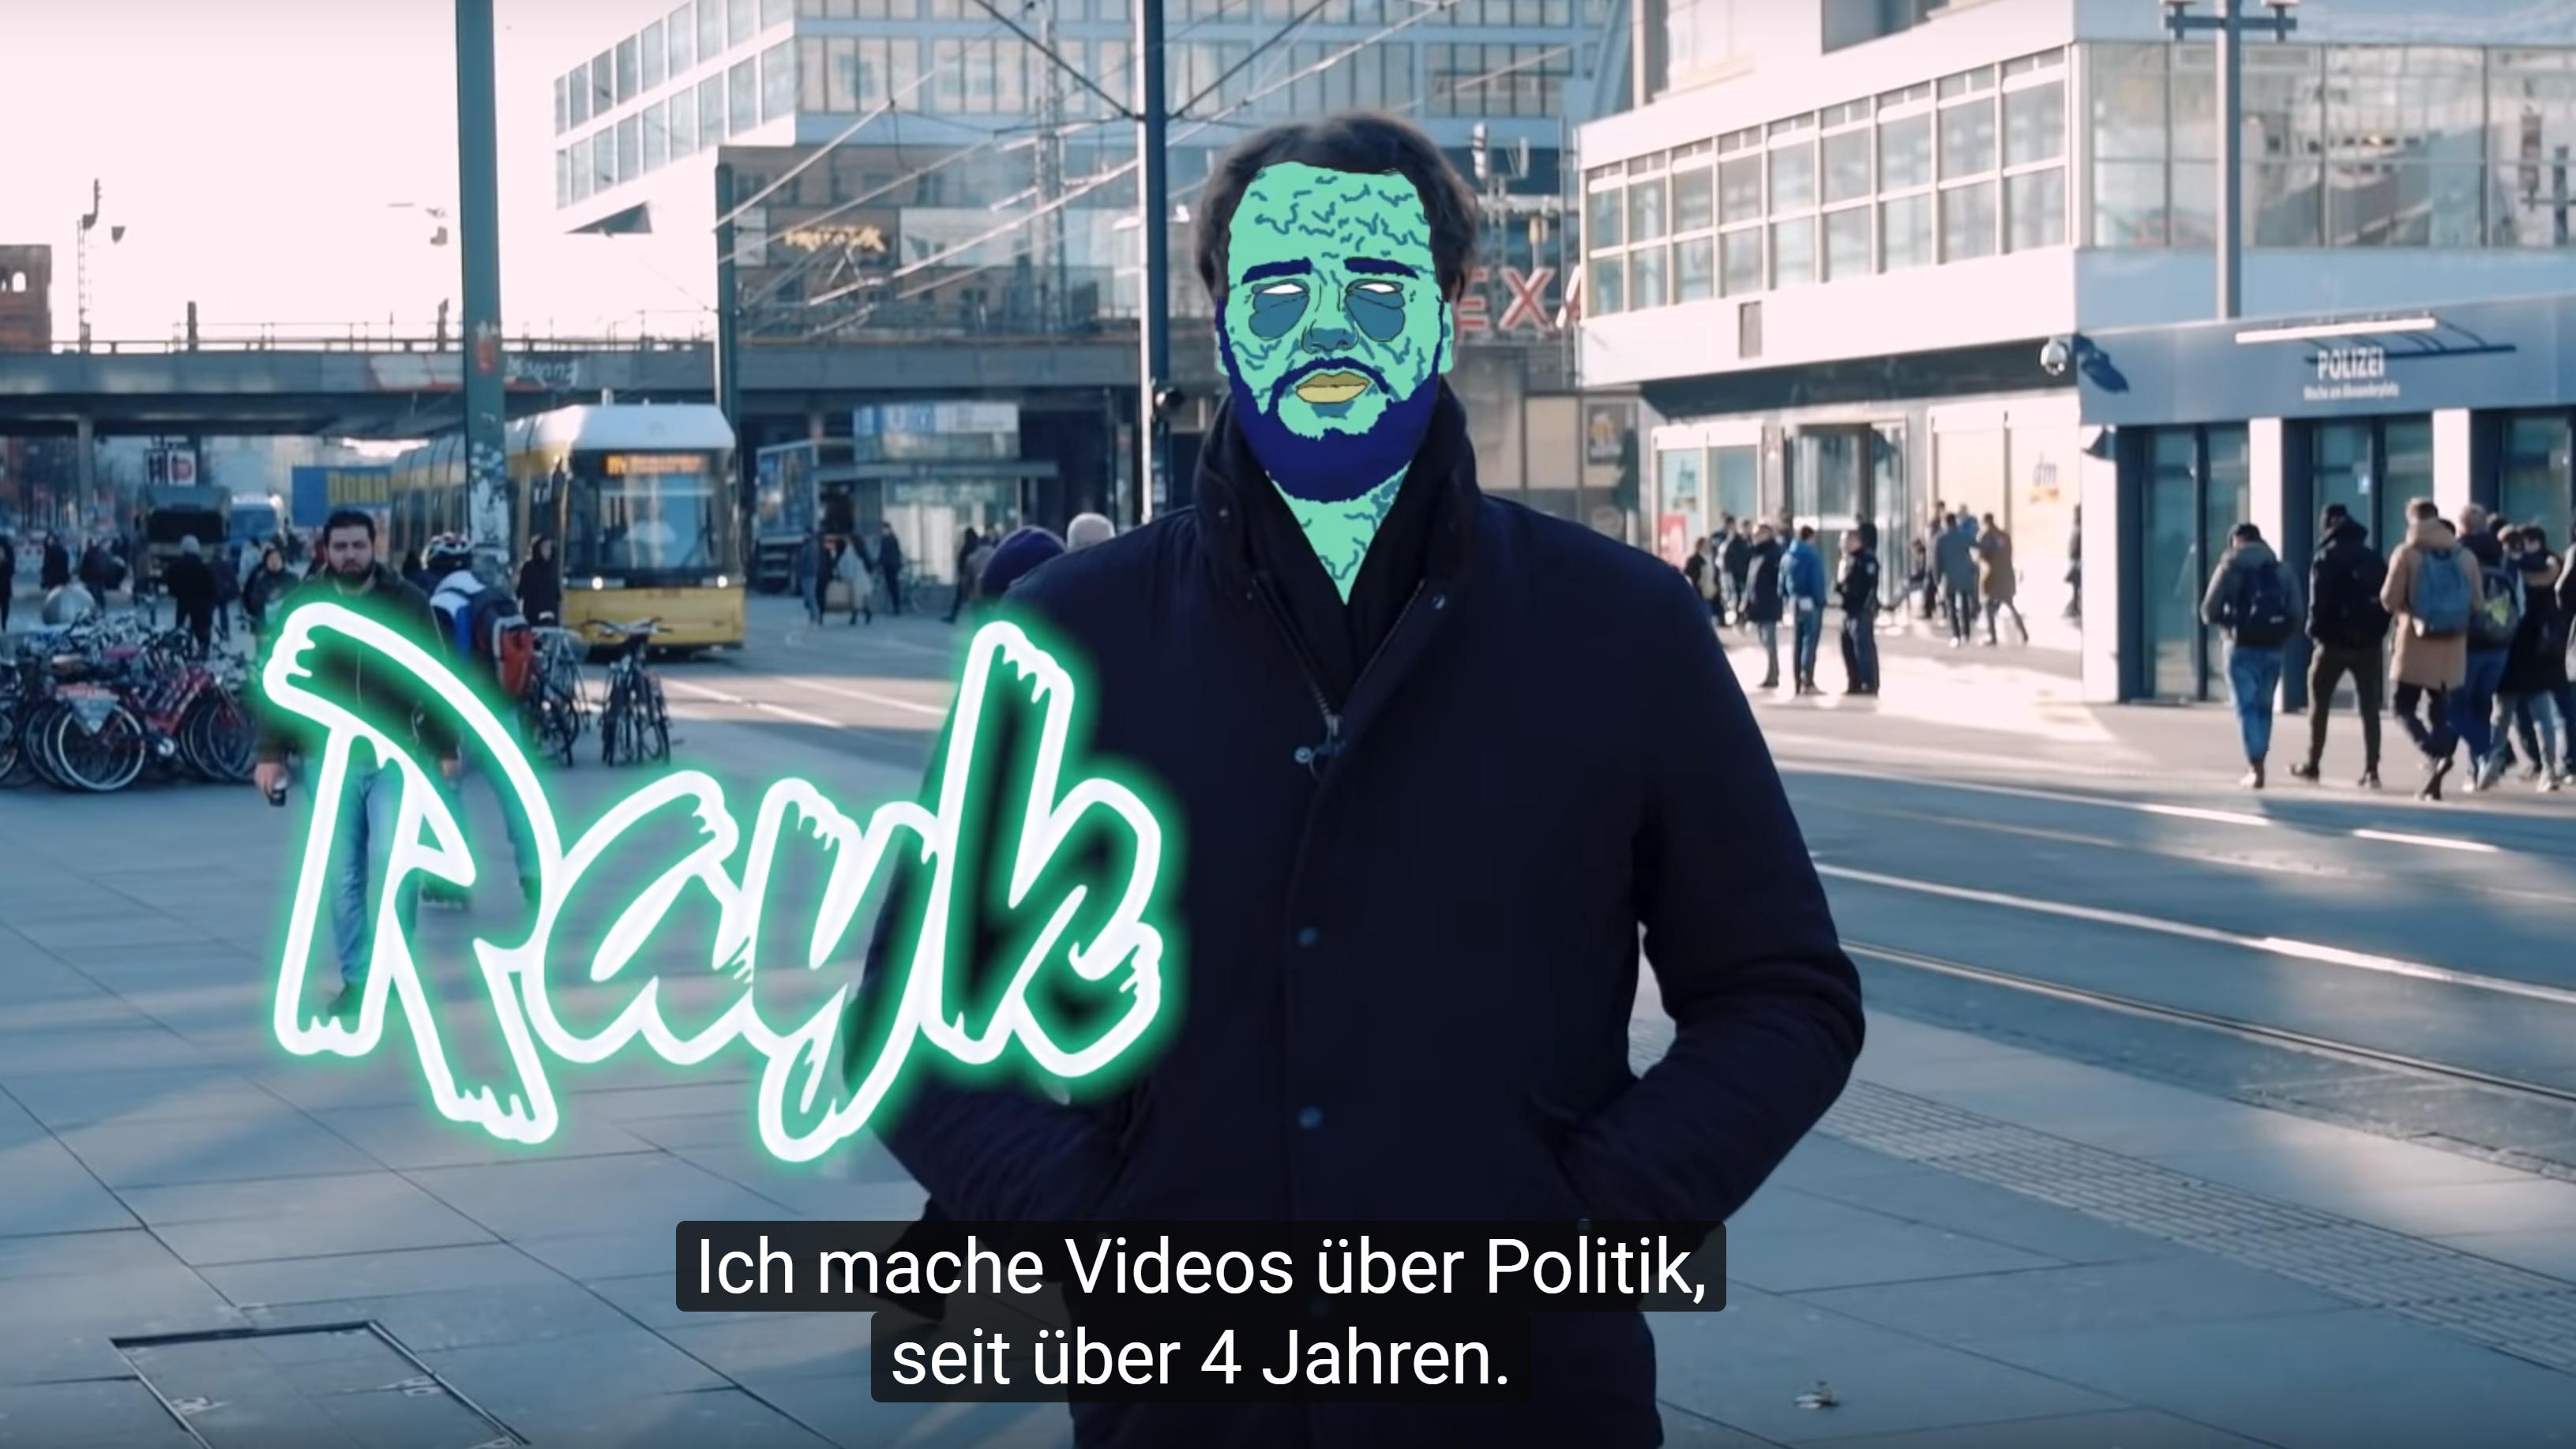 Lösch Dich – So organisiert ist der Hate im Netz